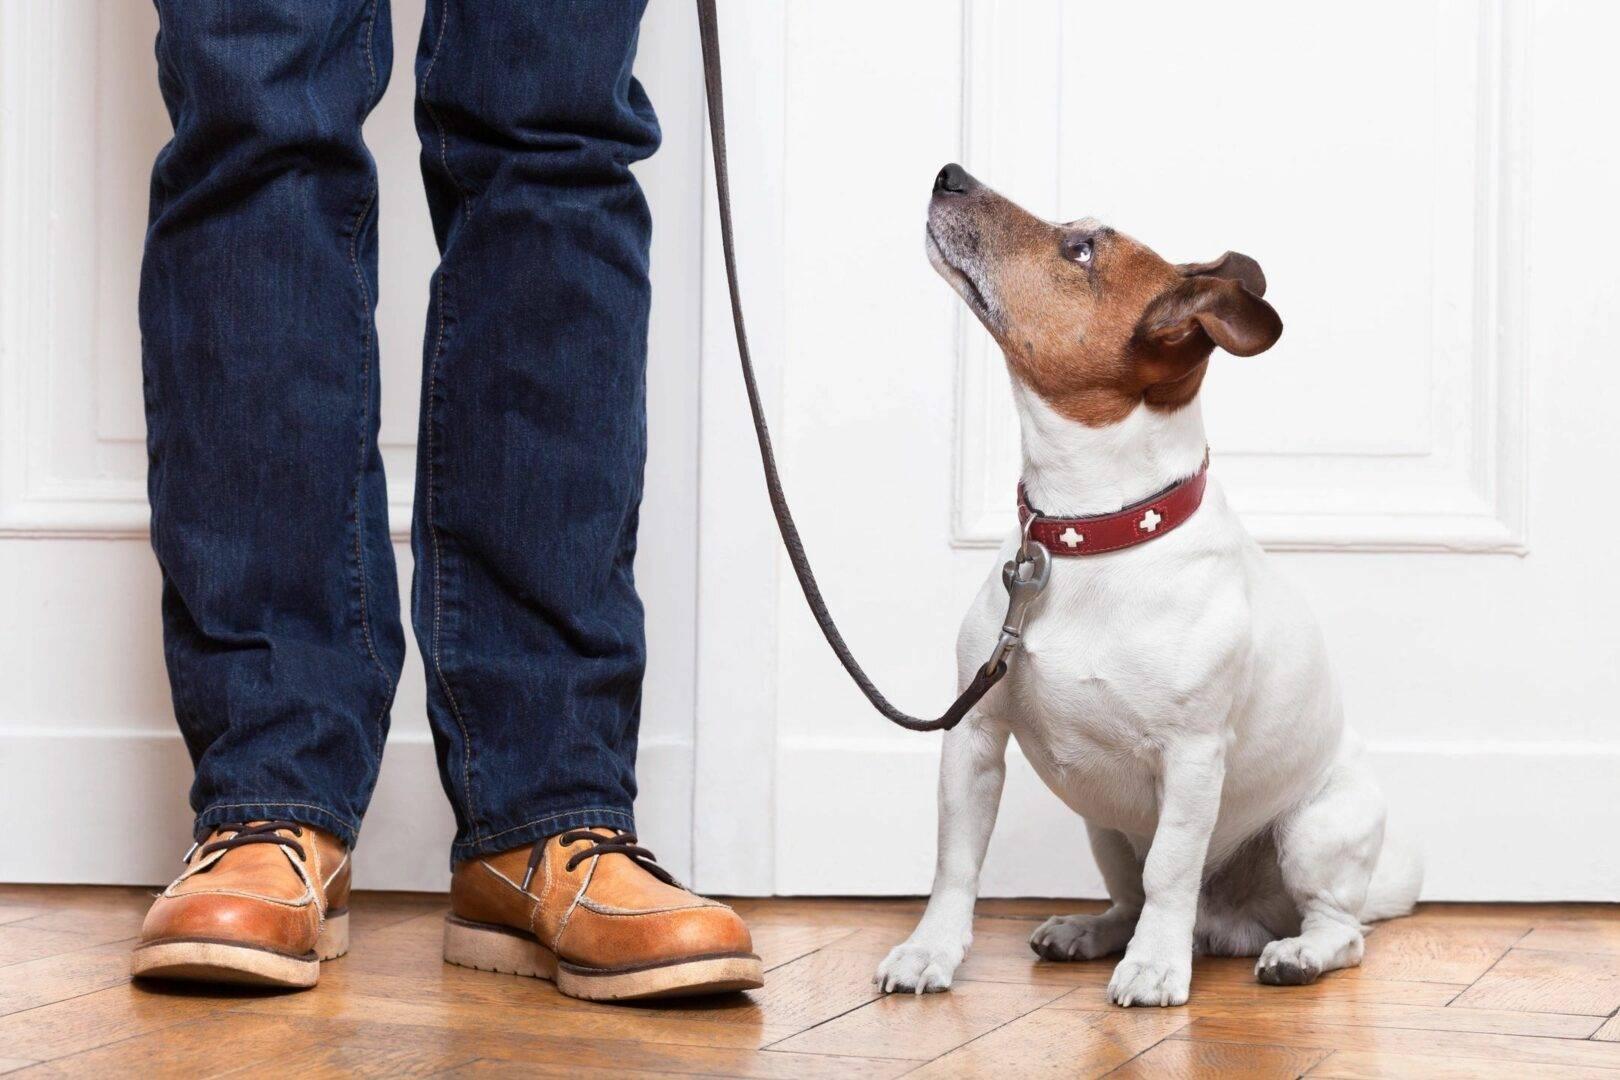 Дрессировка джек рассел терьера — этапы воспитания щенка ⋆ собакапедия